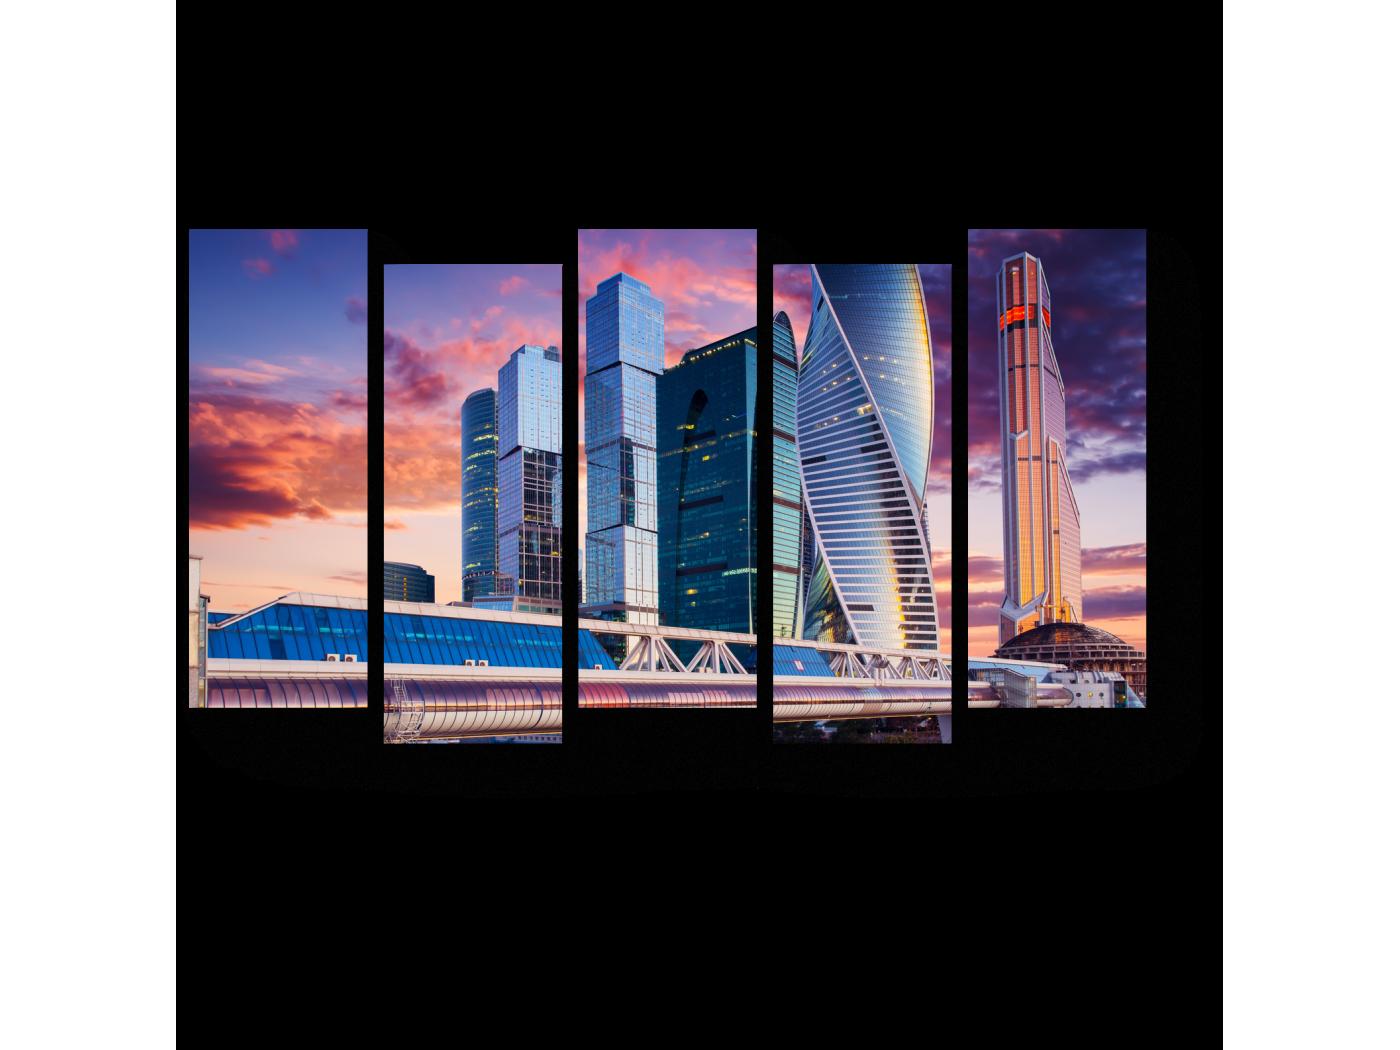 Модульная картина Бизнес центр на закате, Москва (90x52) фото